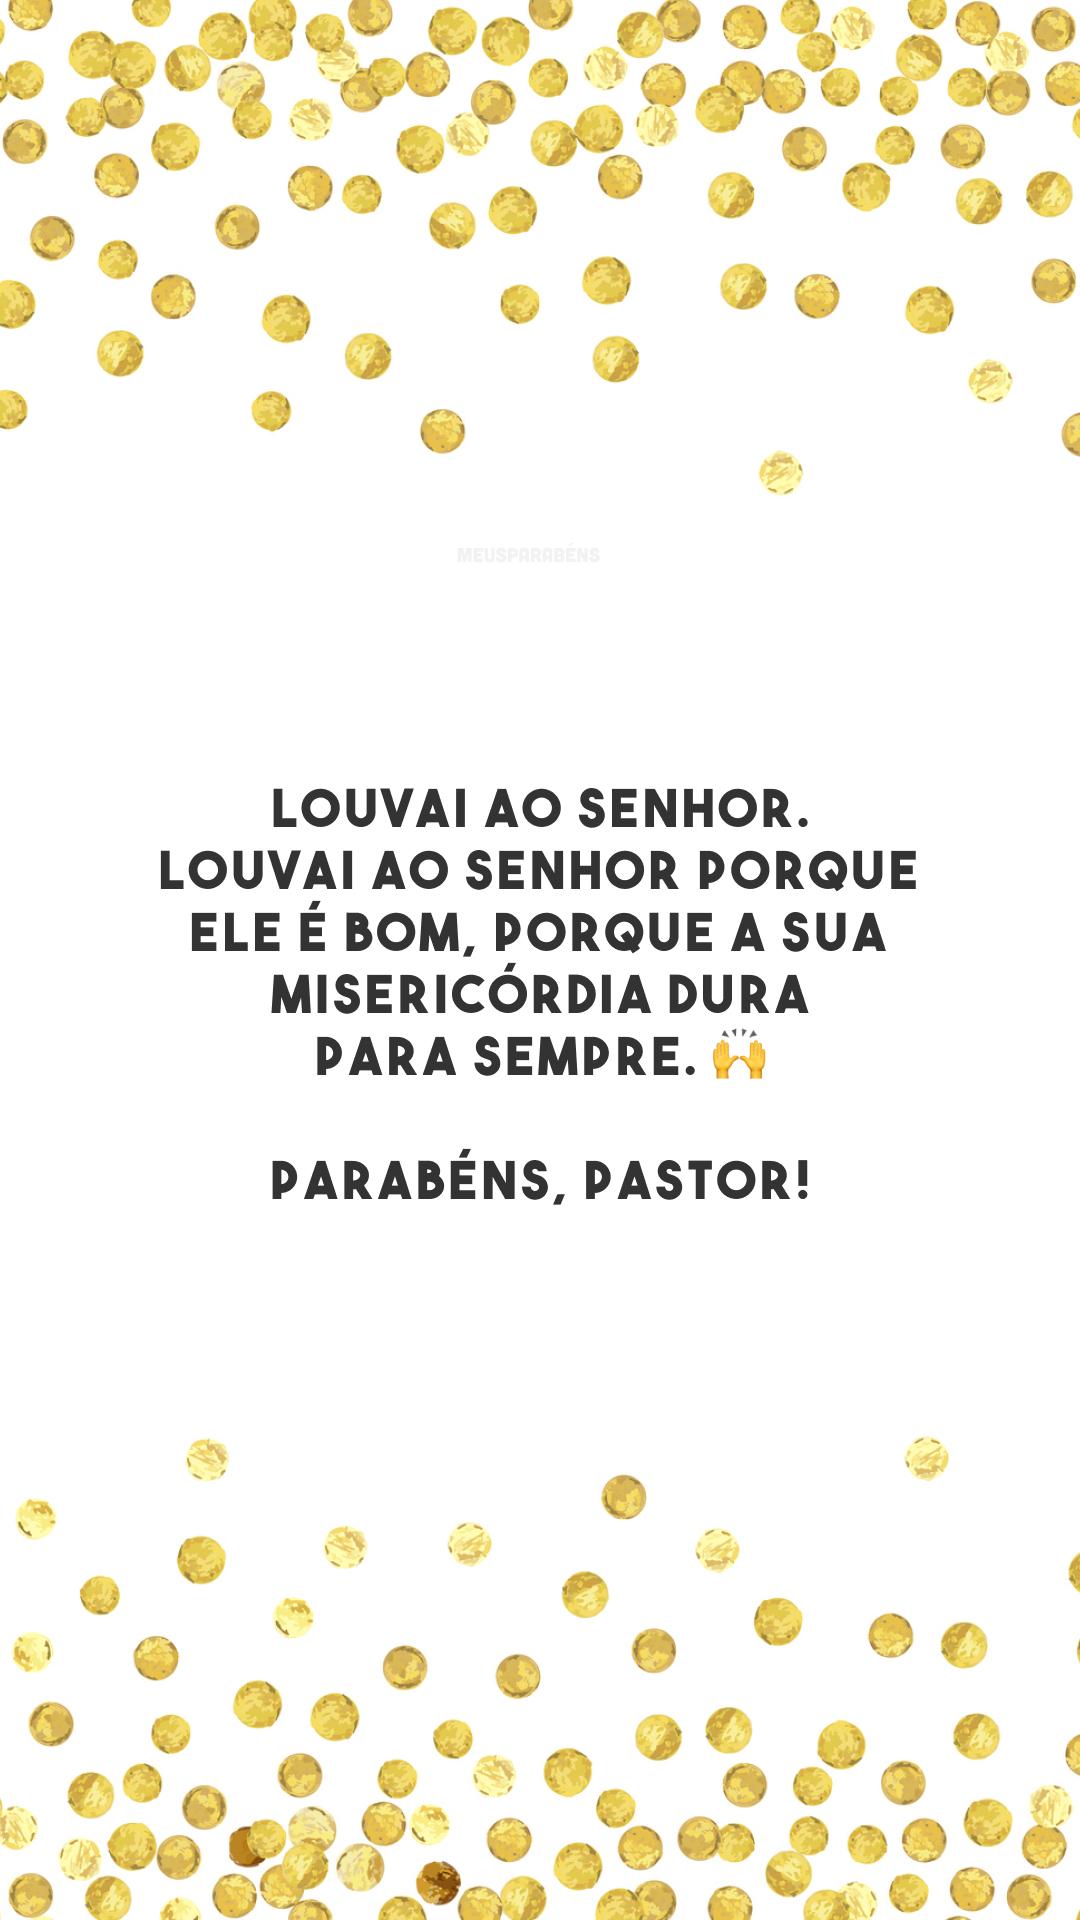 Louvai ao Senhor. Louvai ao Senhor porque ele é bom, porque a sua misericórdia dura para sempre. 🙌 Parabéns, pastor!